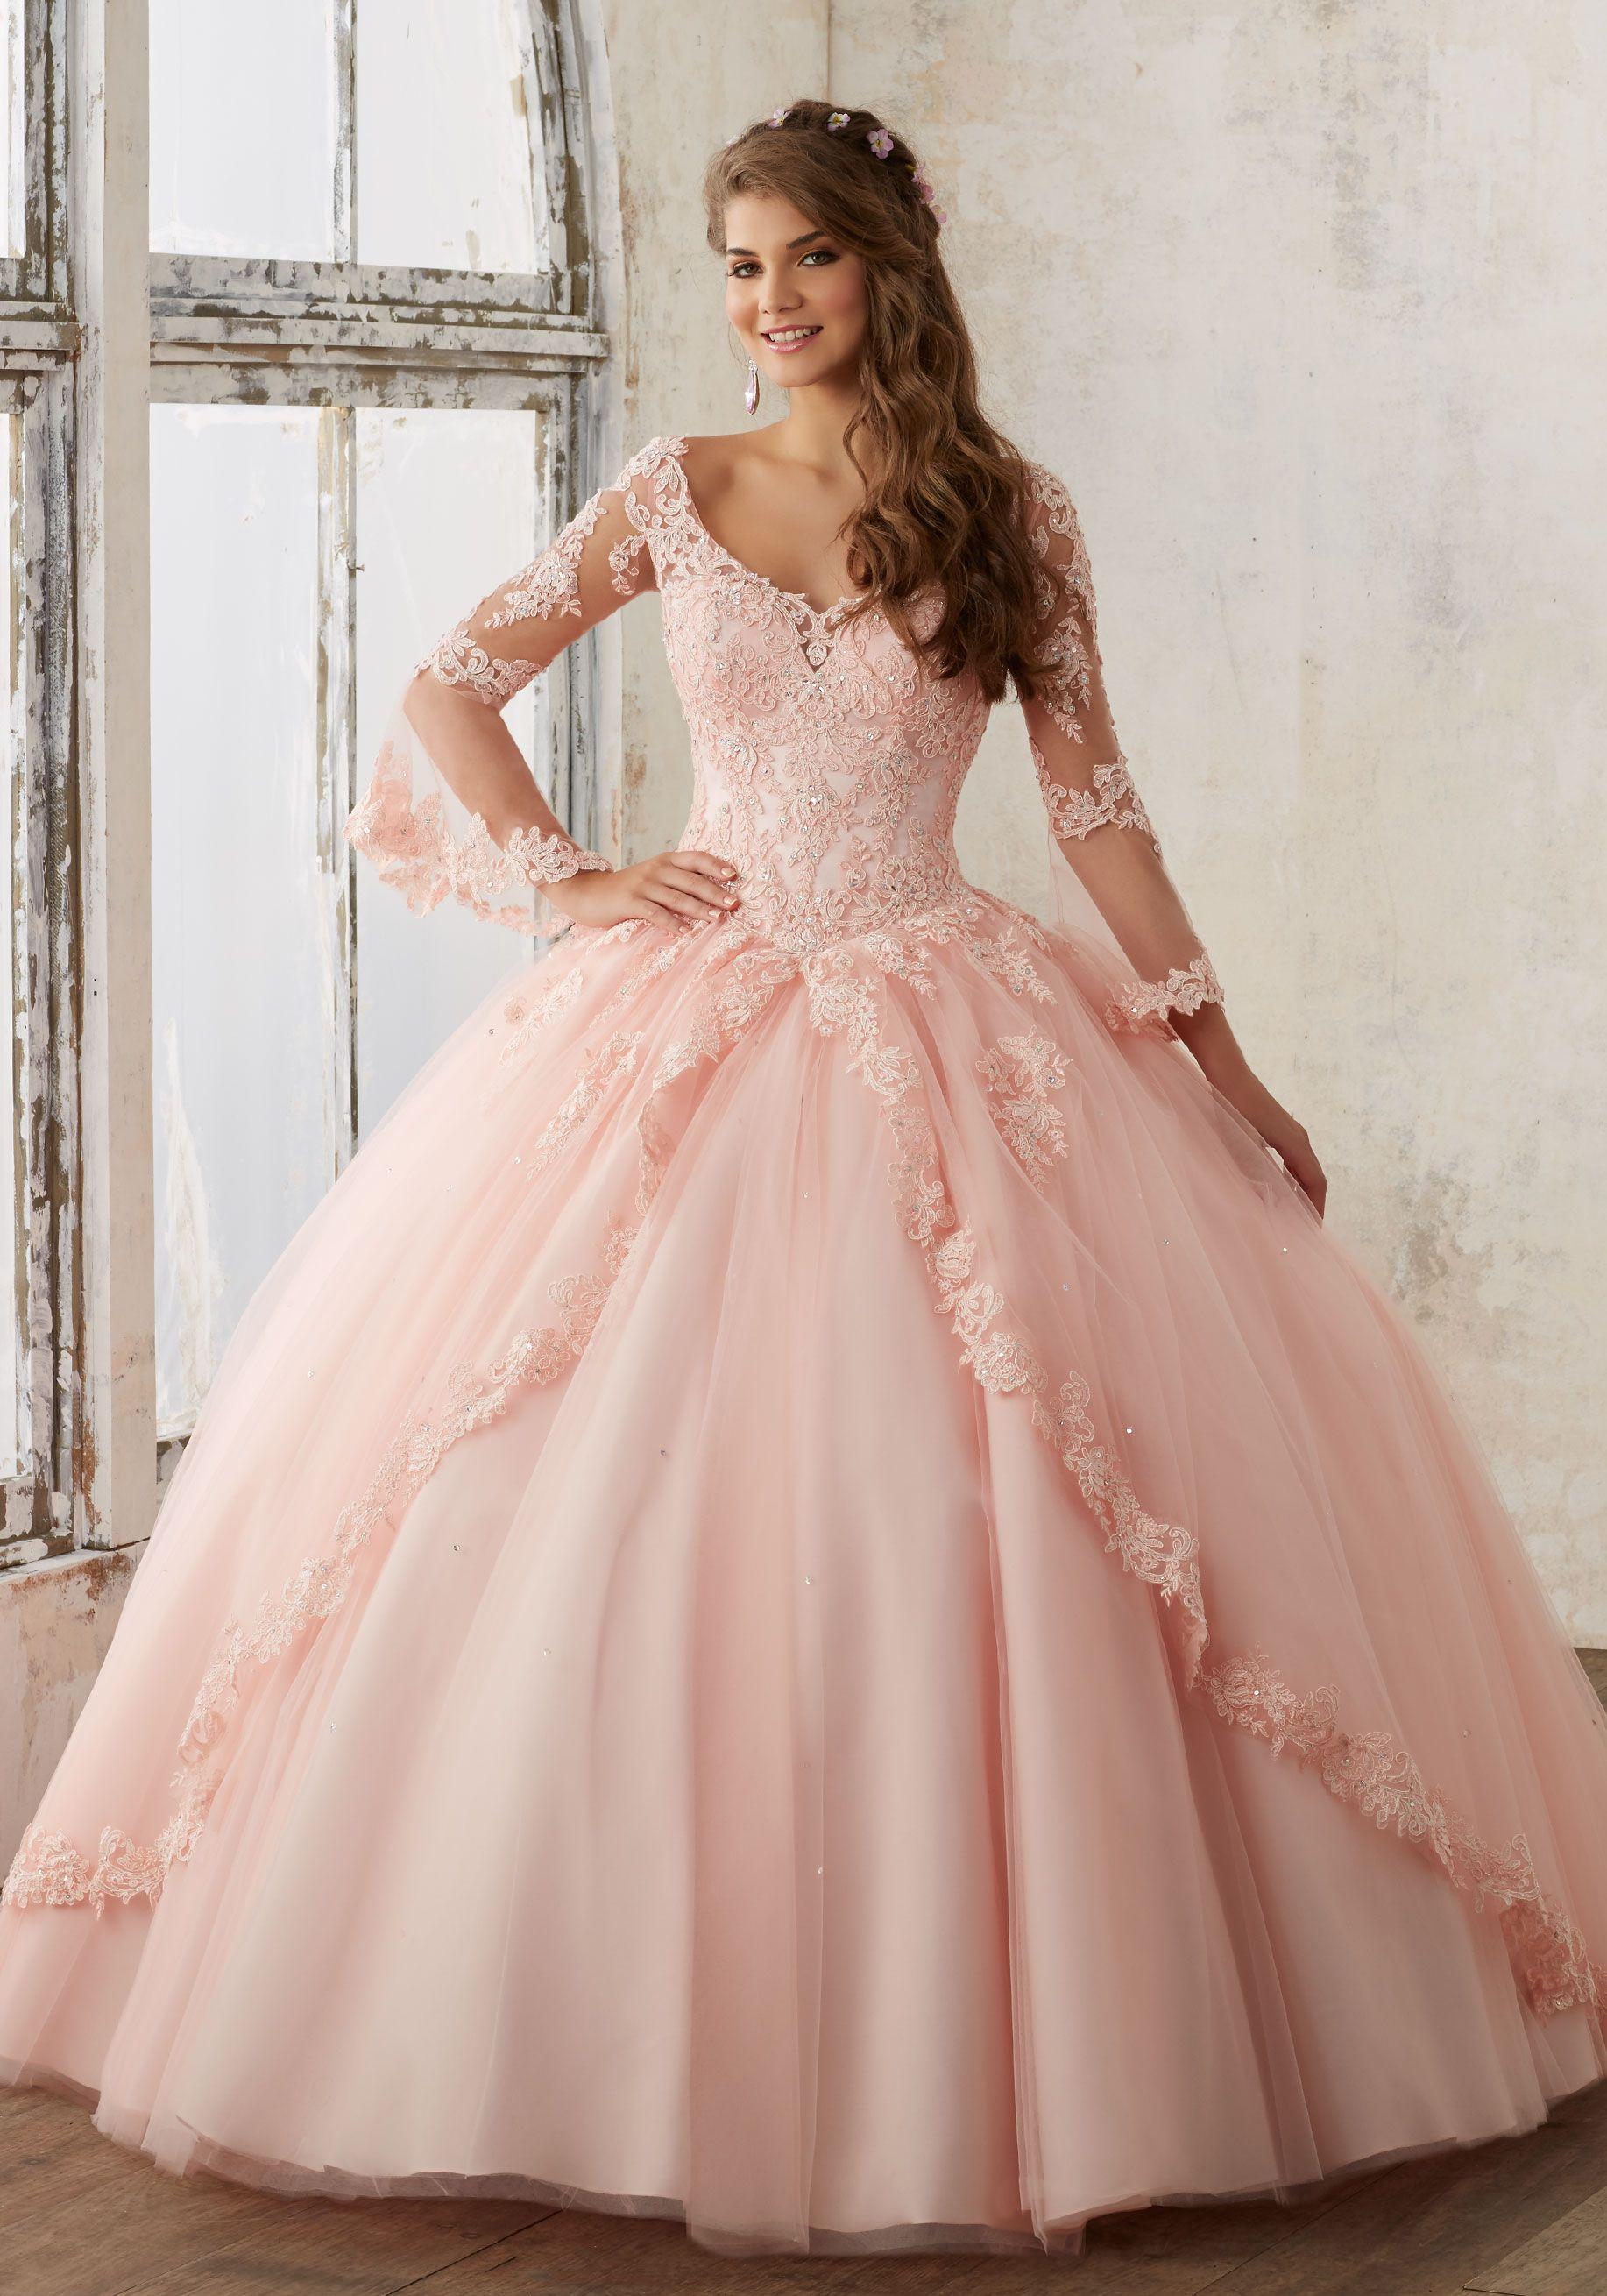 vestidos de xv color rosa palo (7)